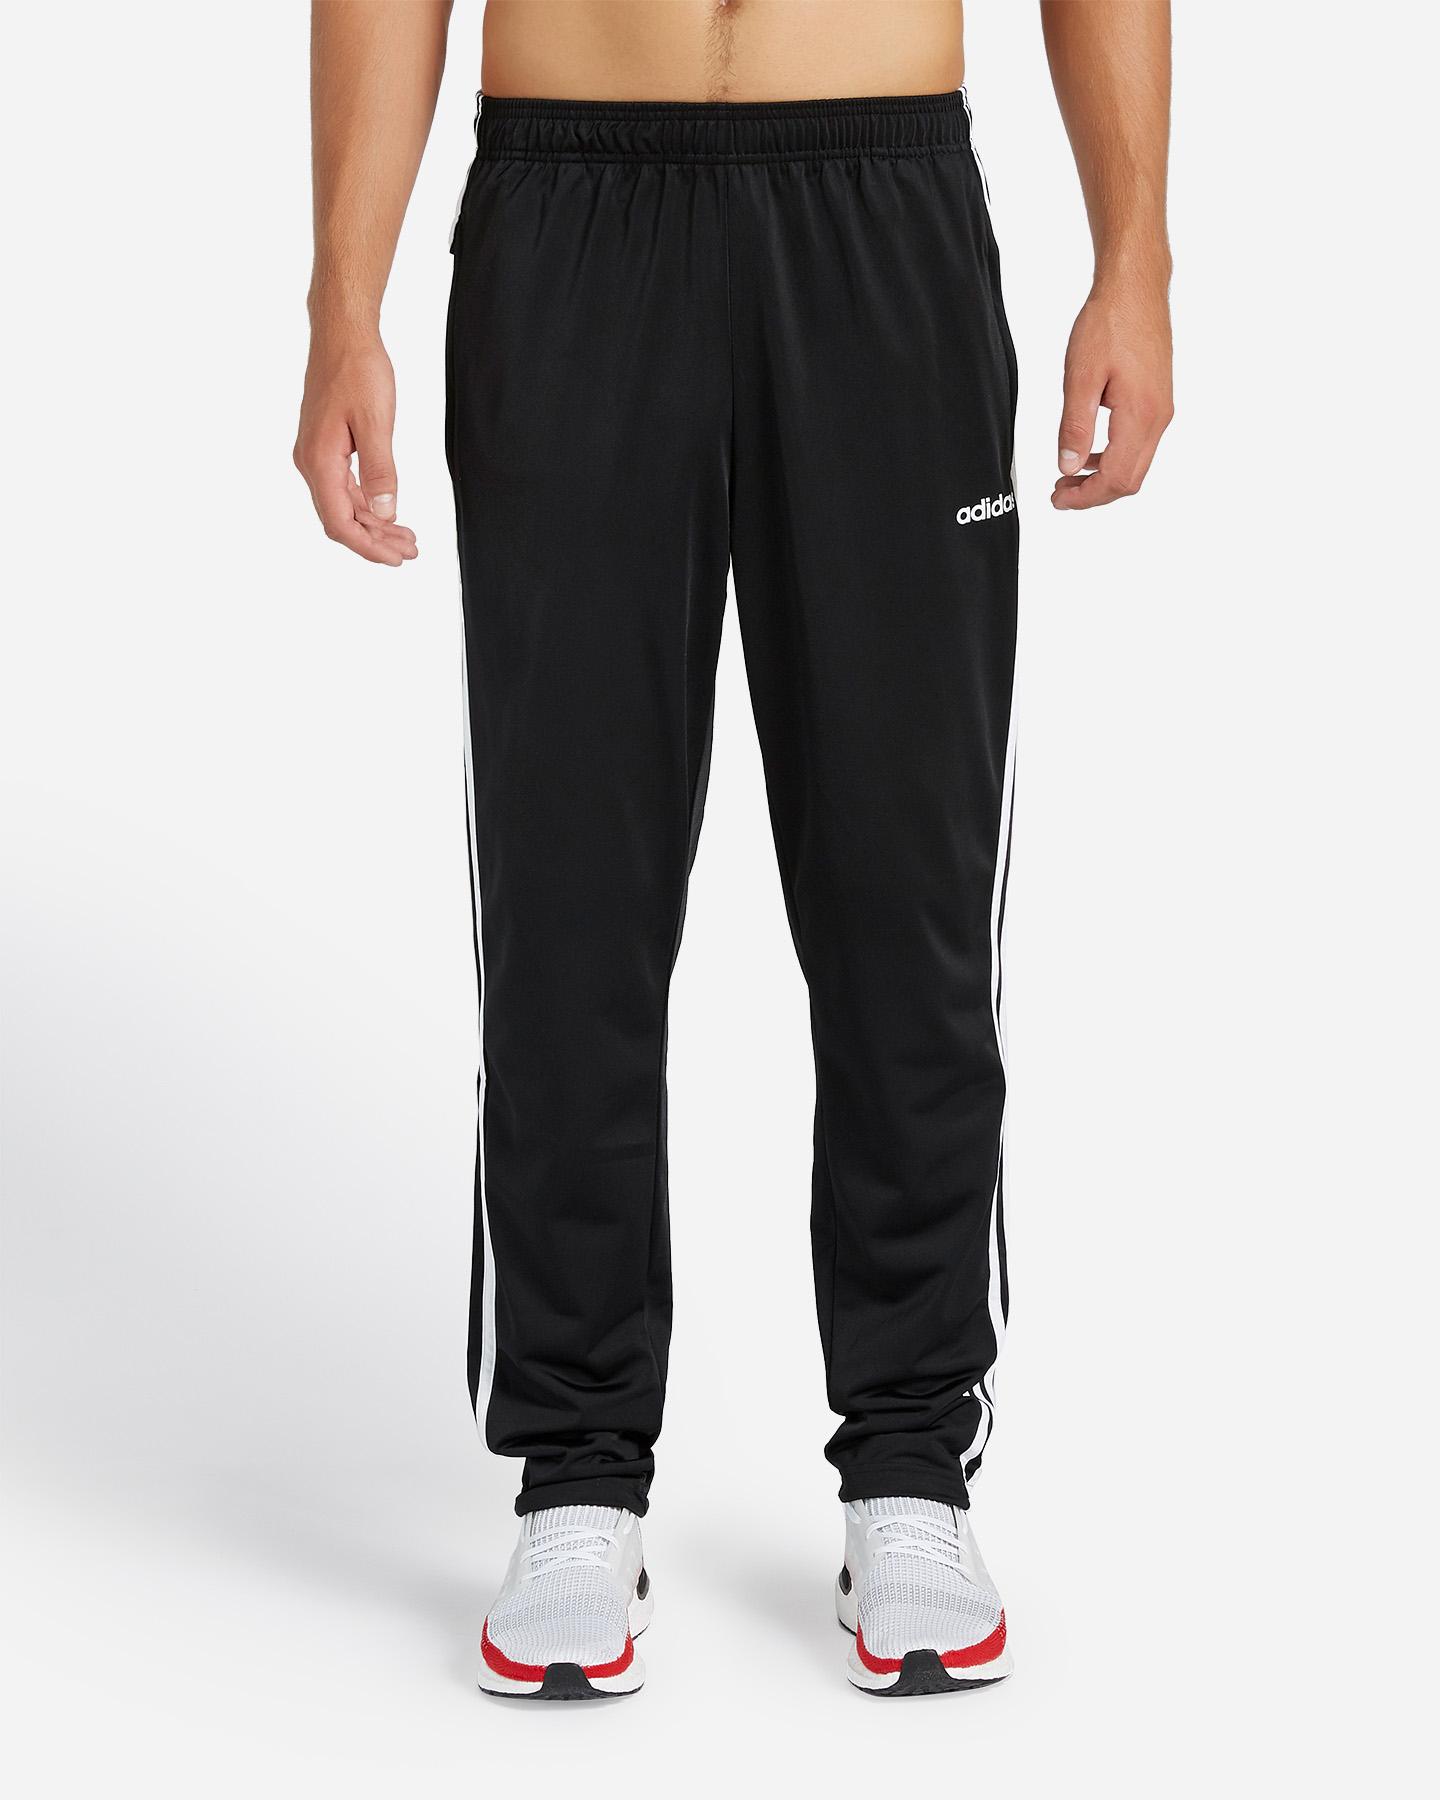 pantaloni adidas uomo poliestere